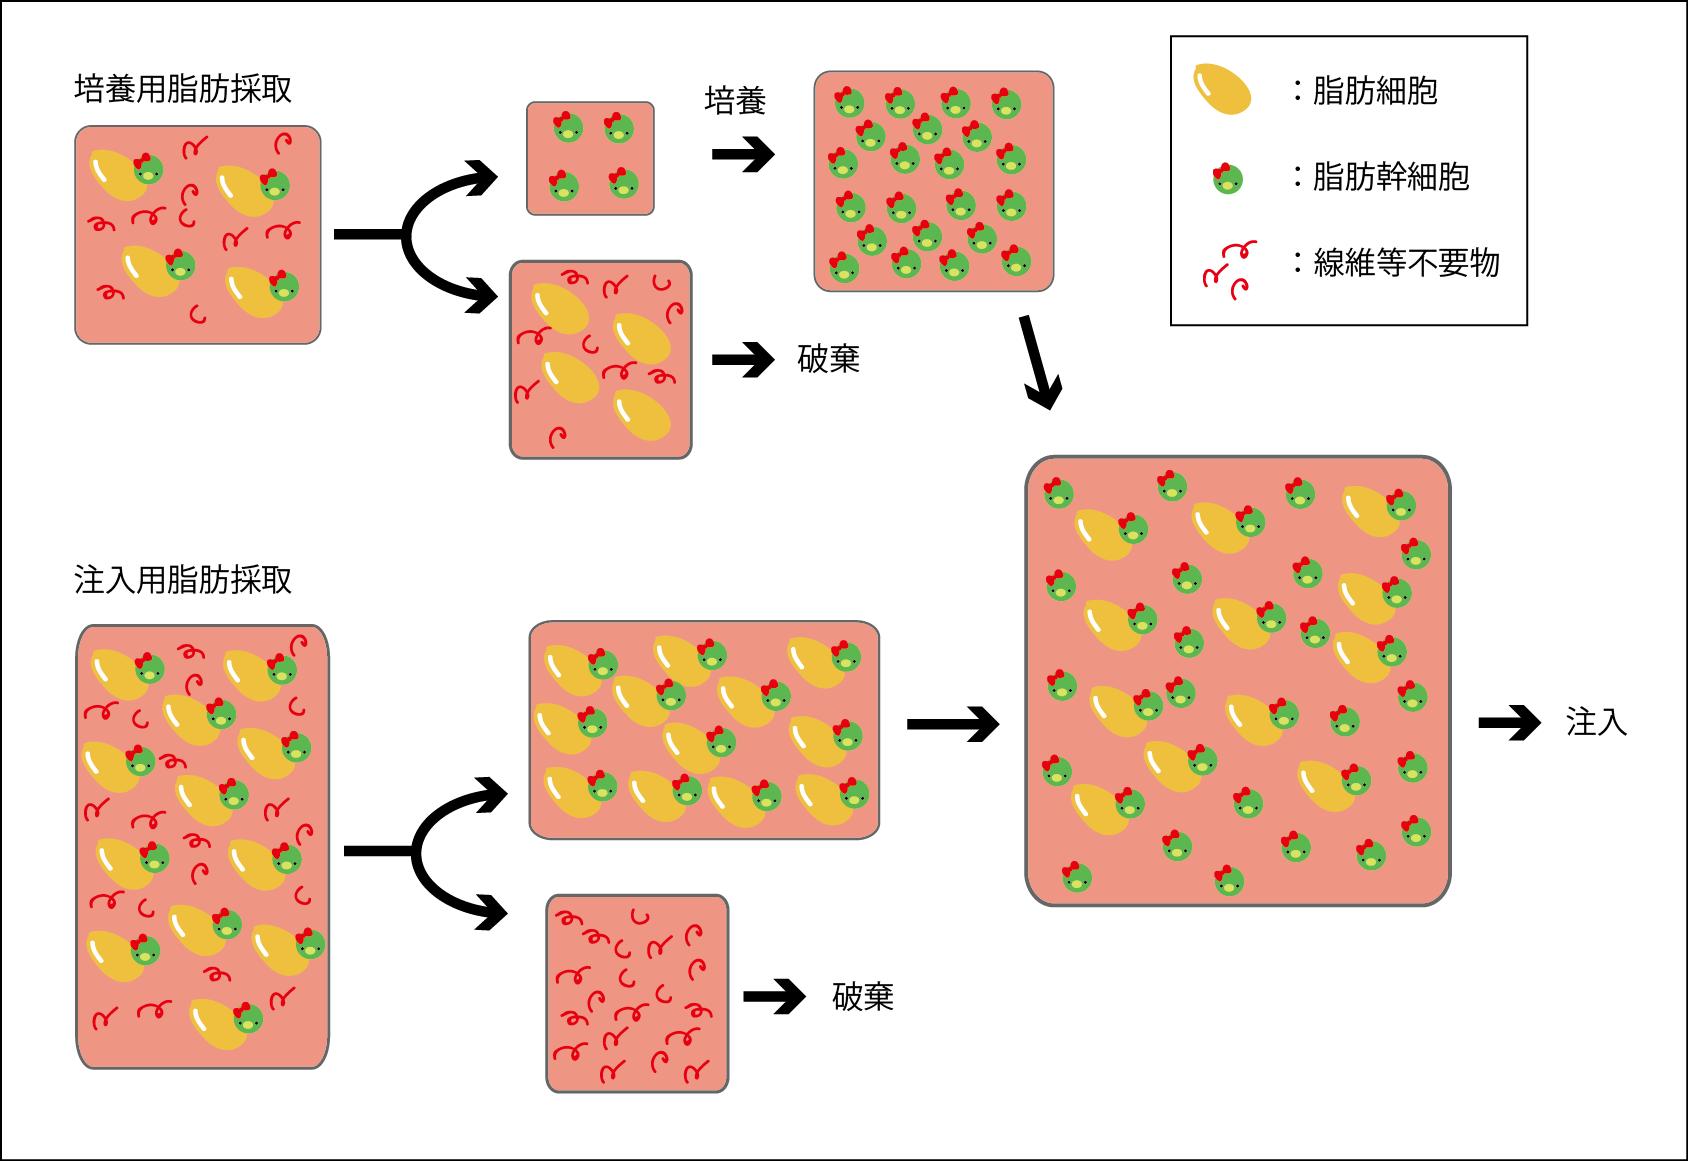 脂肪幹細胞培養法